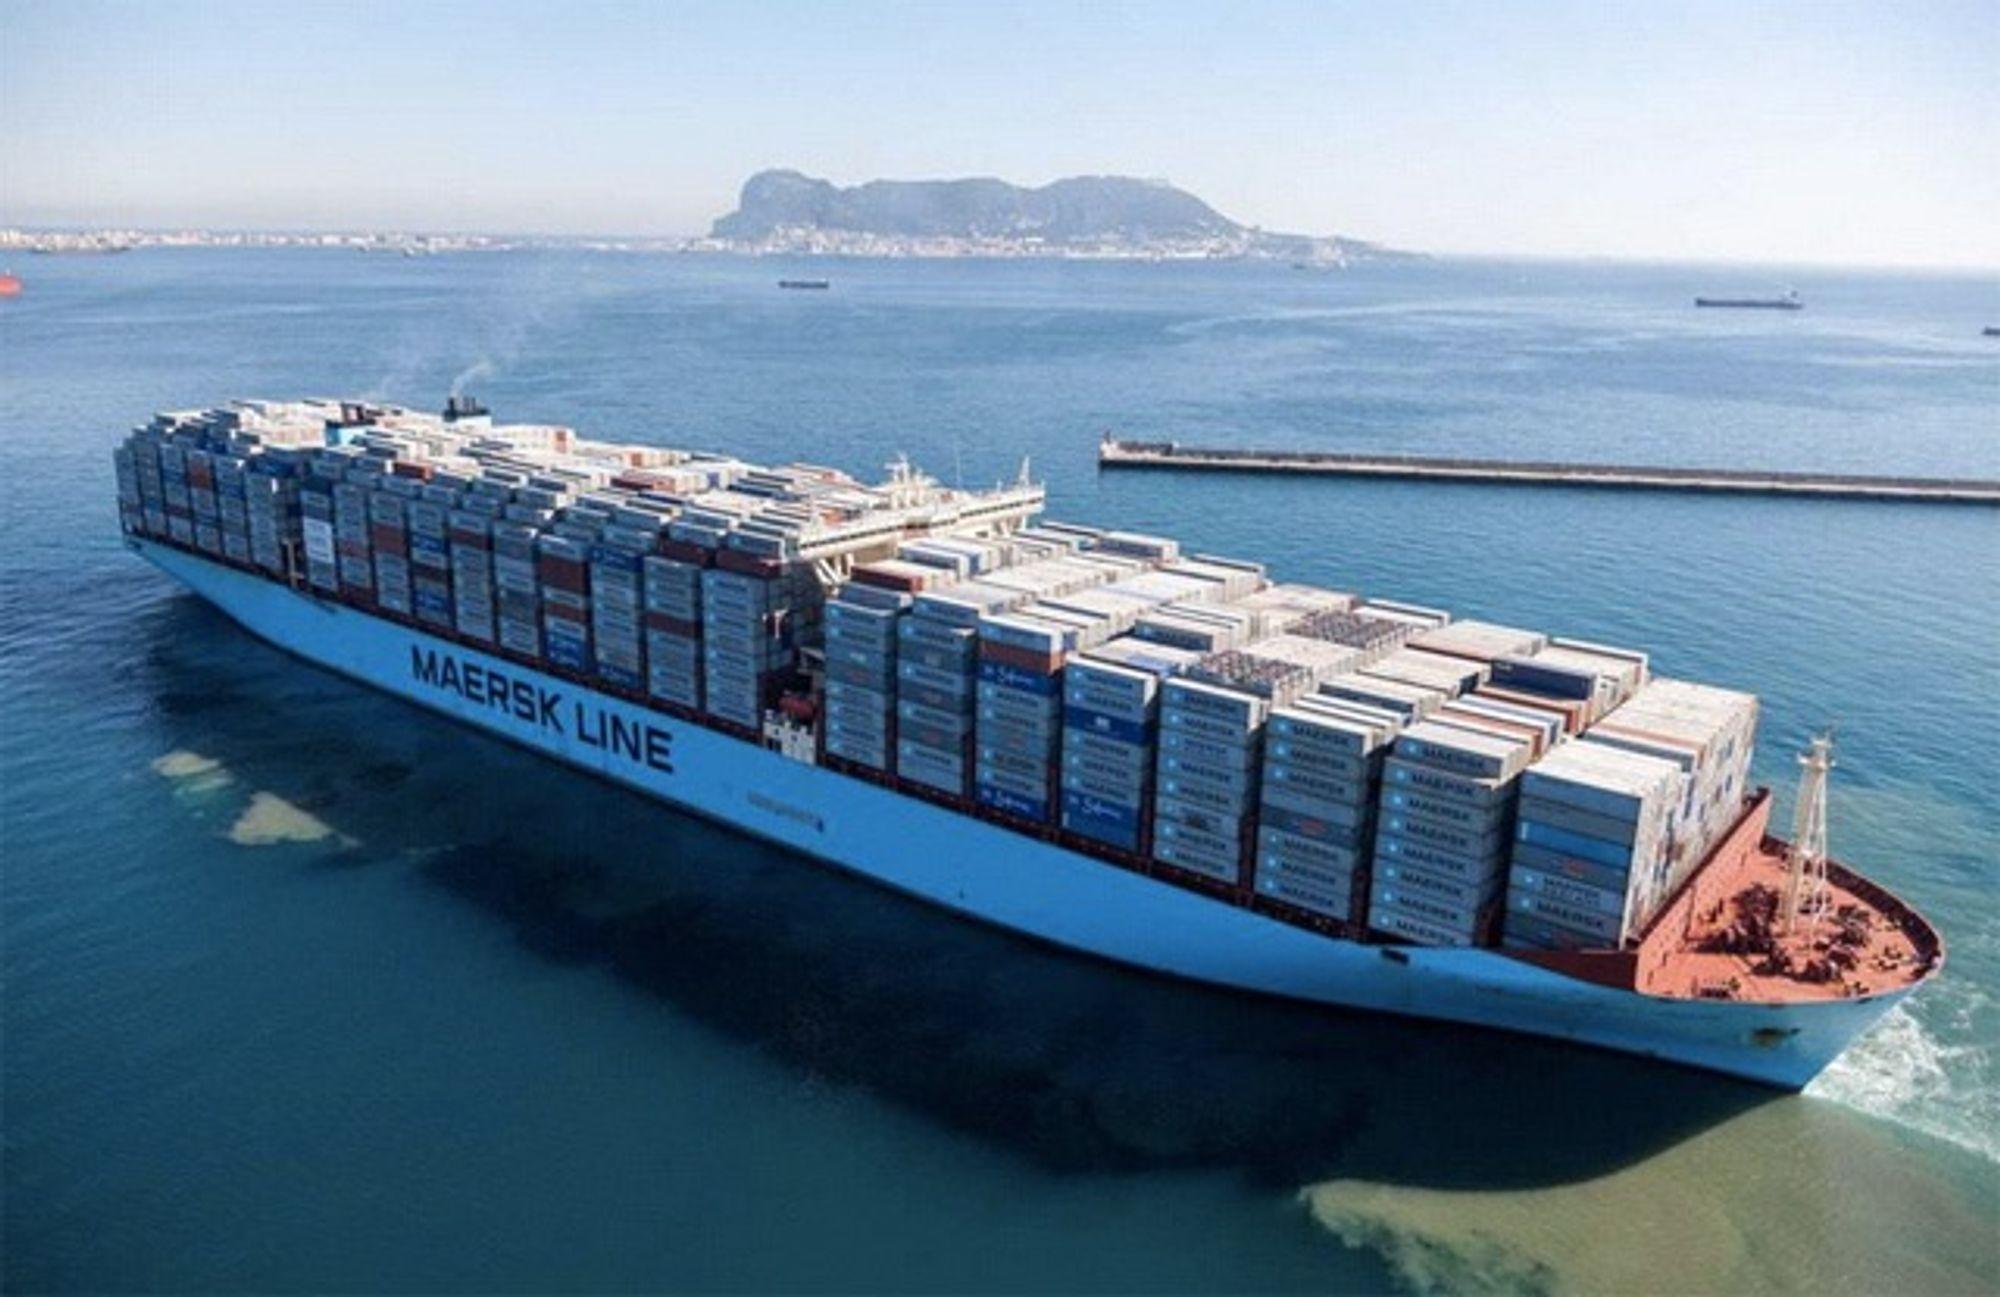 Maersk Mc-Kinney Moller la ut fra Algeciras i Spania 26. januar 2015 med 18.168 containere om bord. Det er verdens første med over 18.000 TEU i lasten. Kursen er satt mot Malaysia.